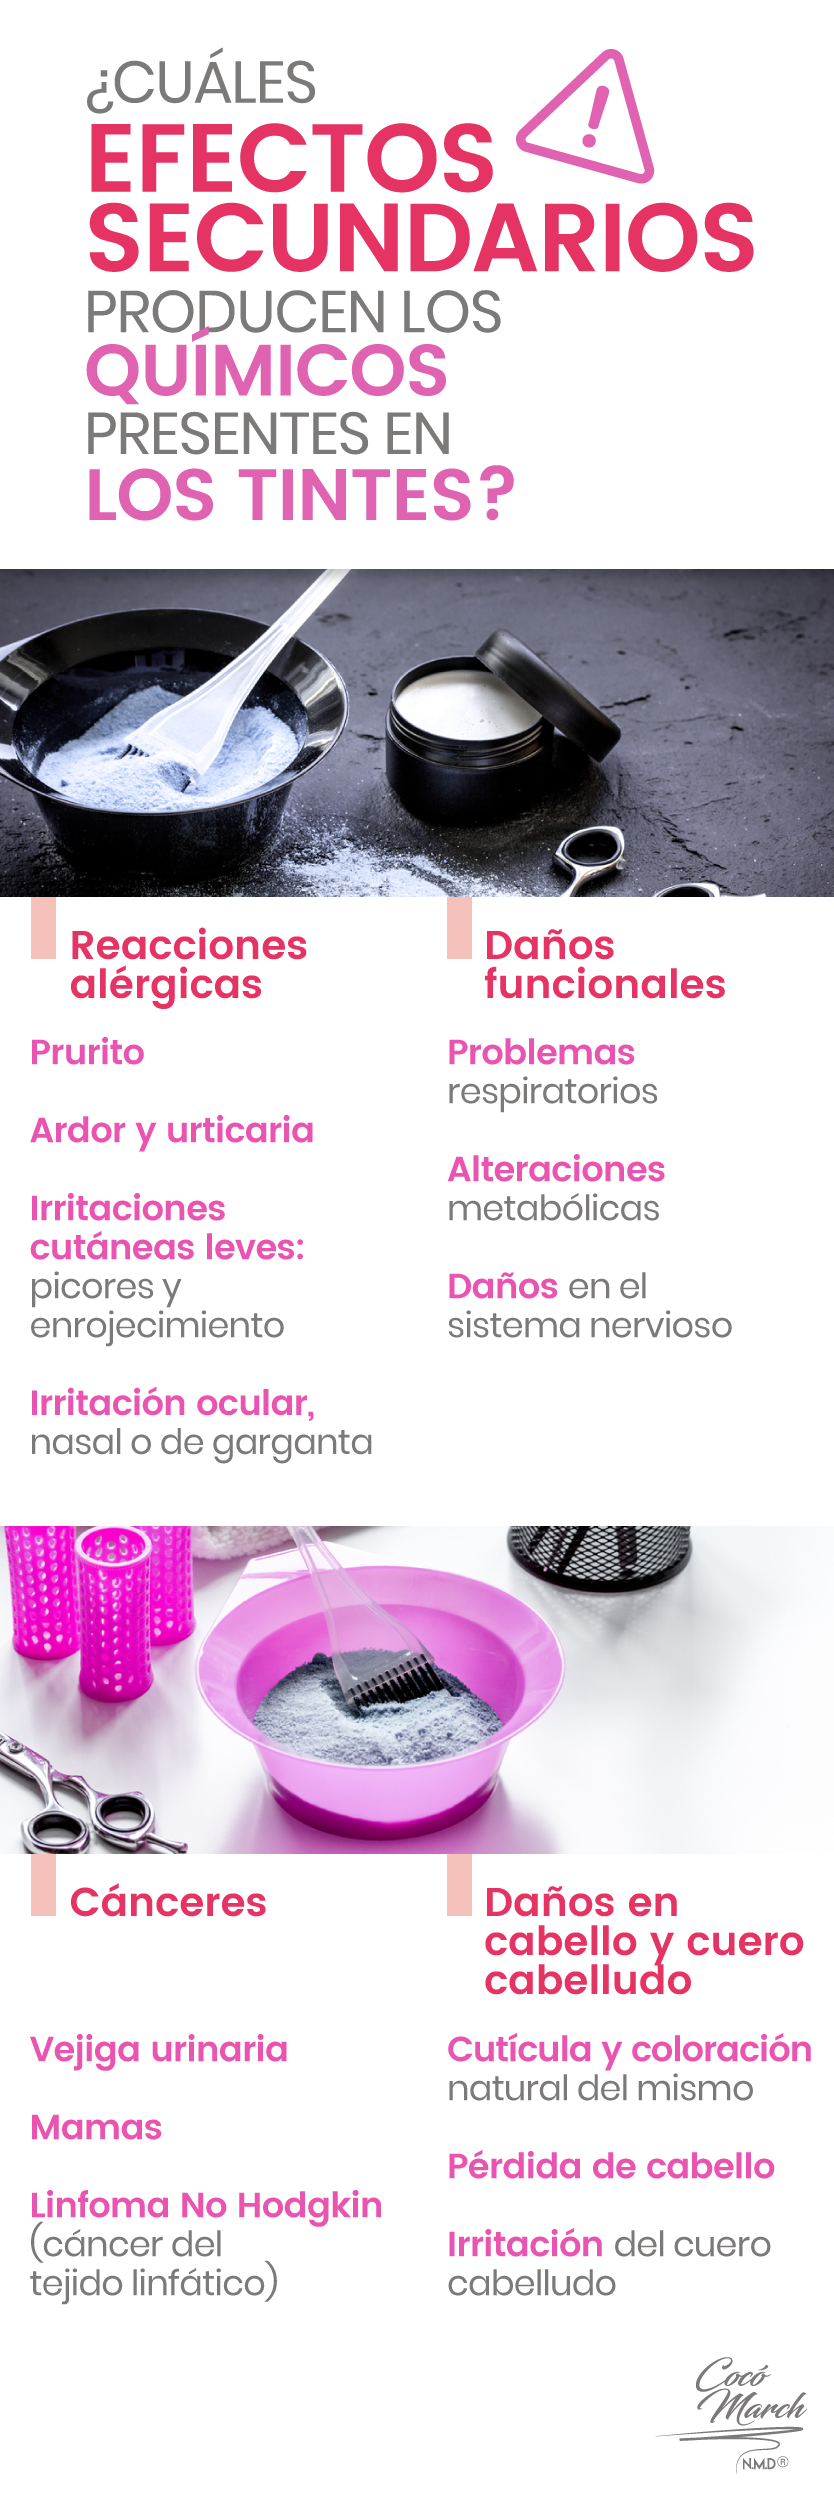 efectos-secundarios-de-productos-quimicos